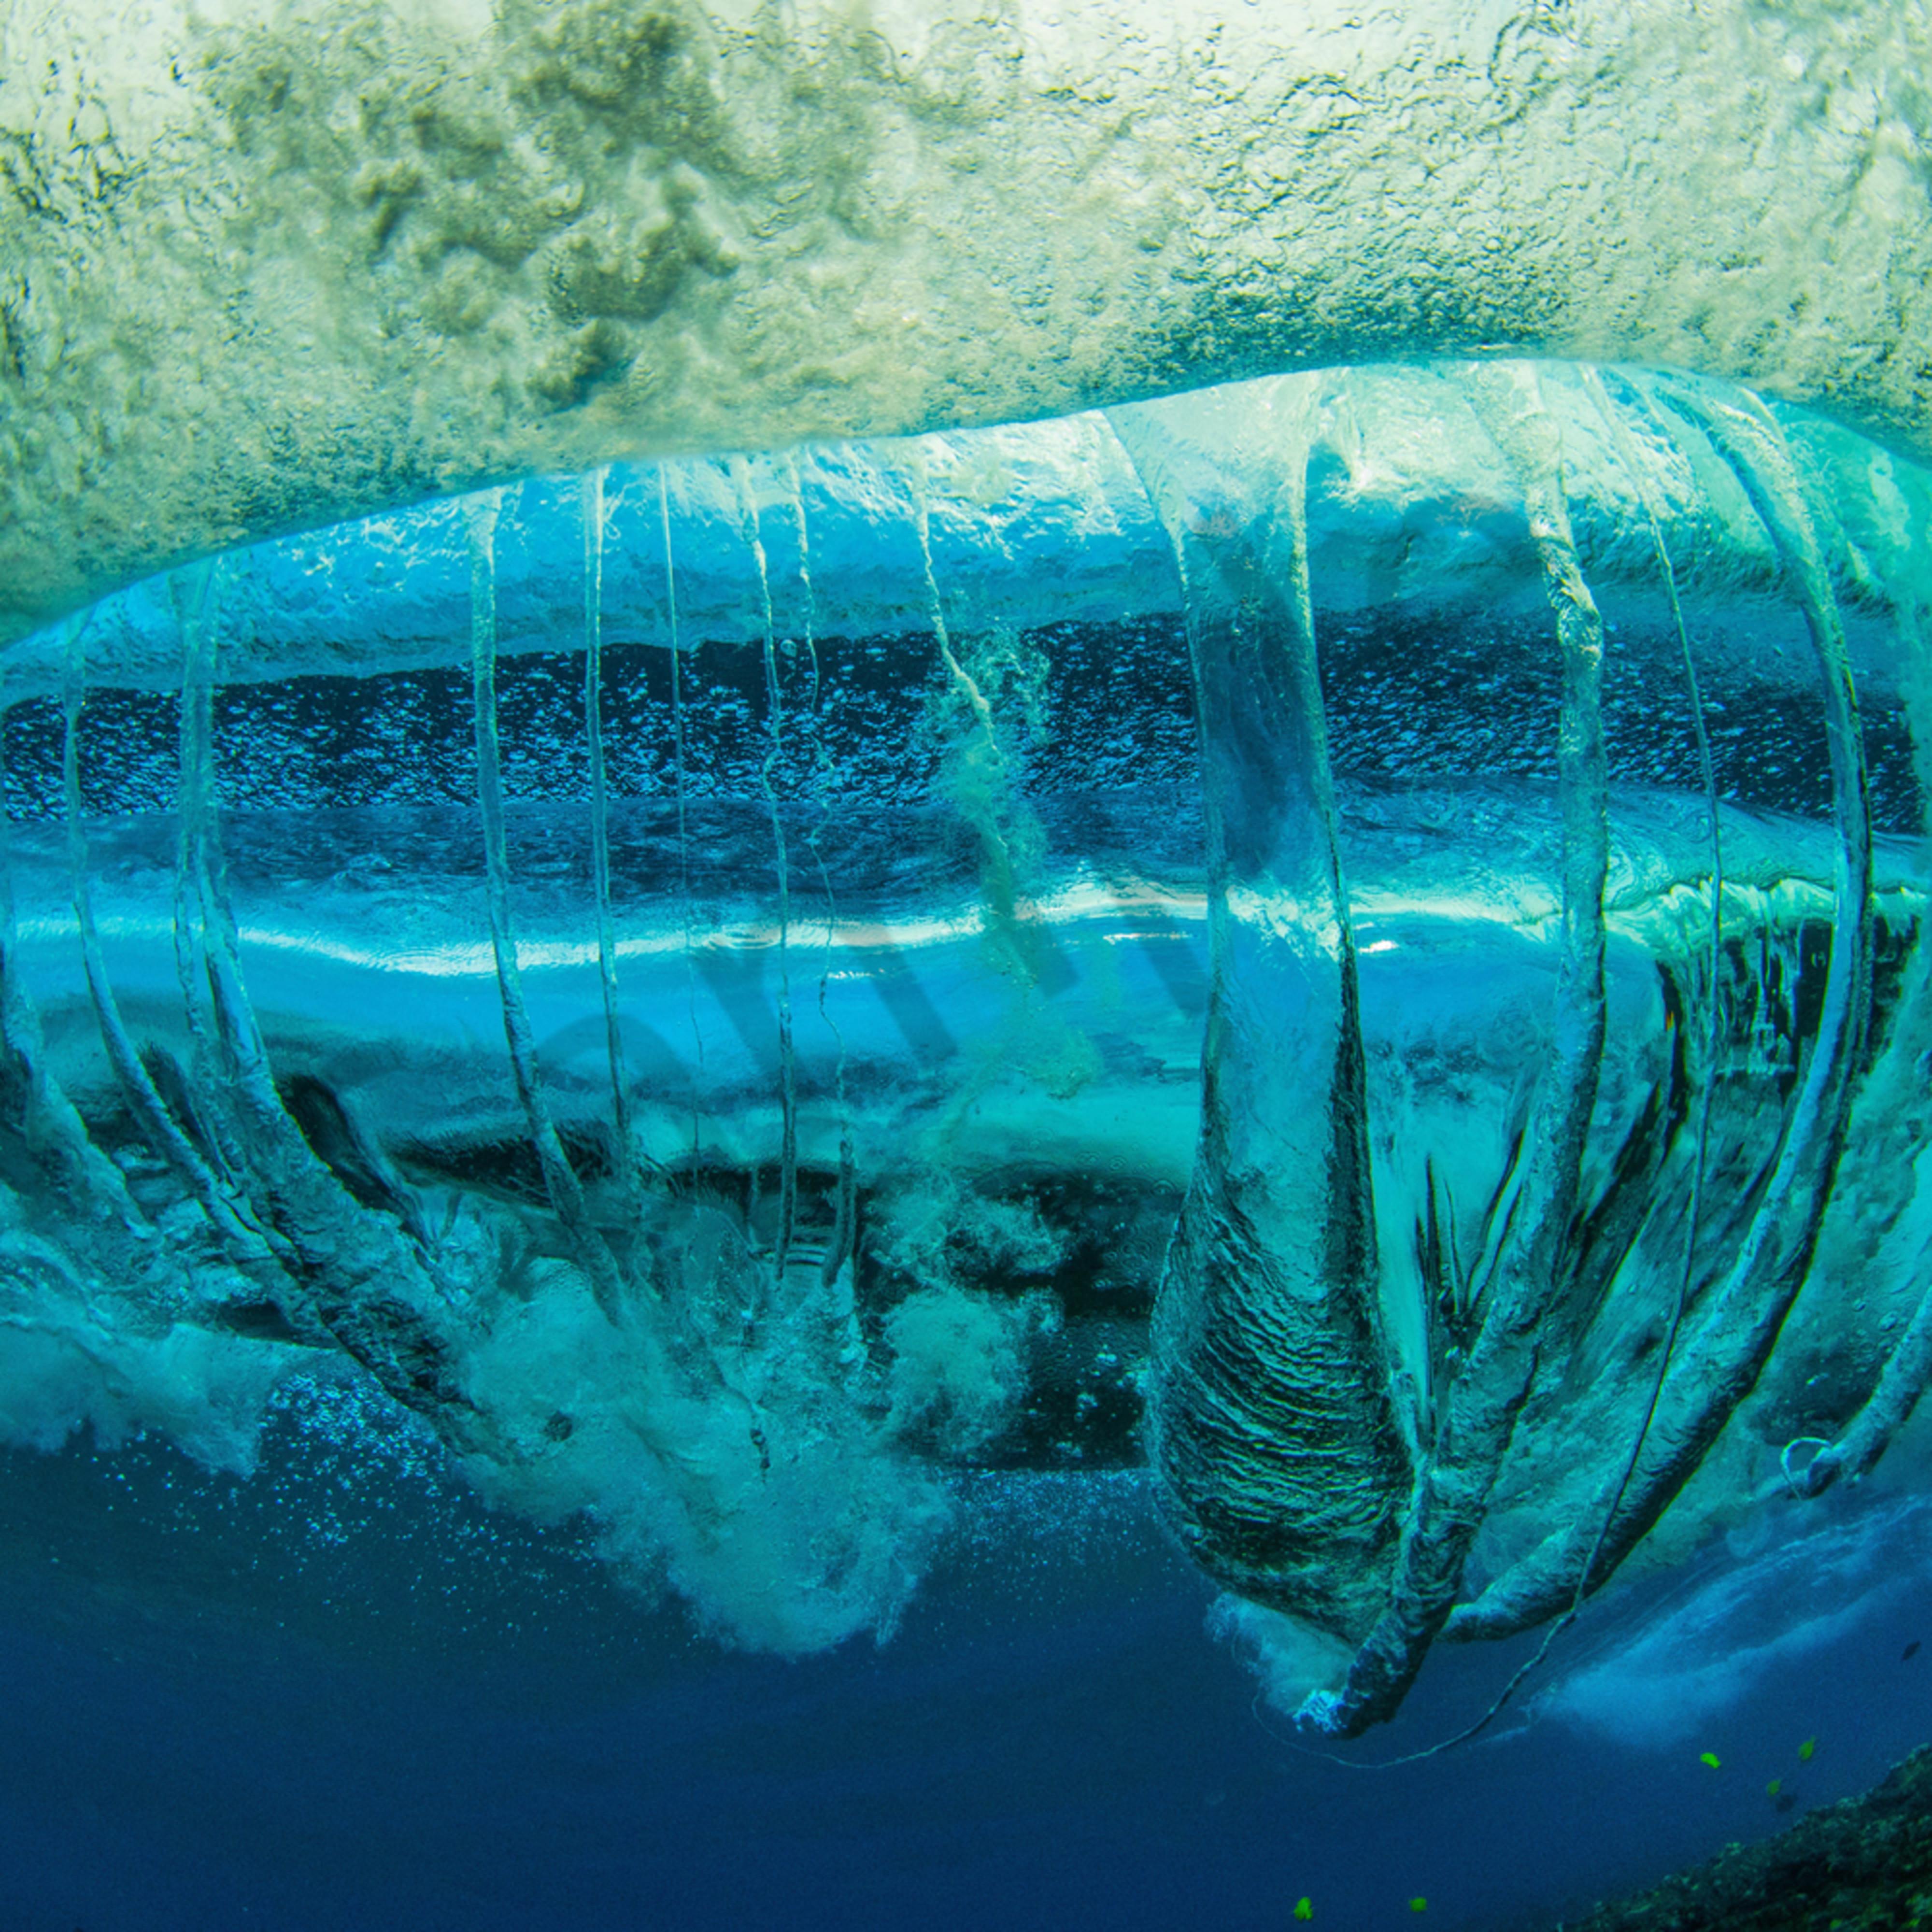 Underwater twister ww22 mtp6xw